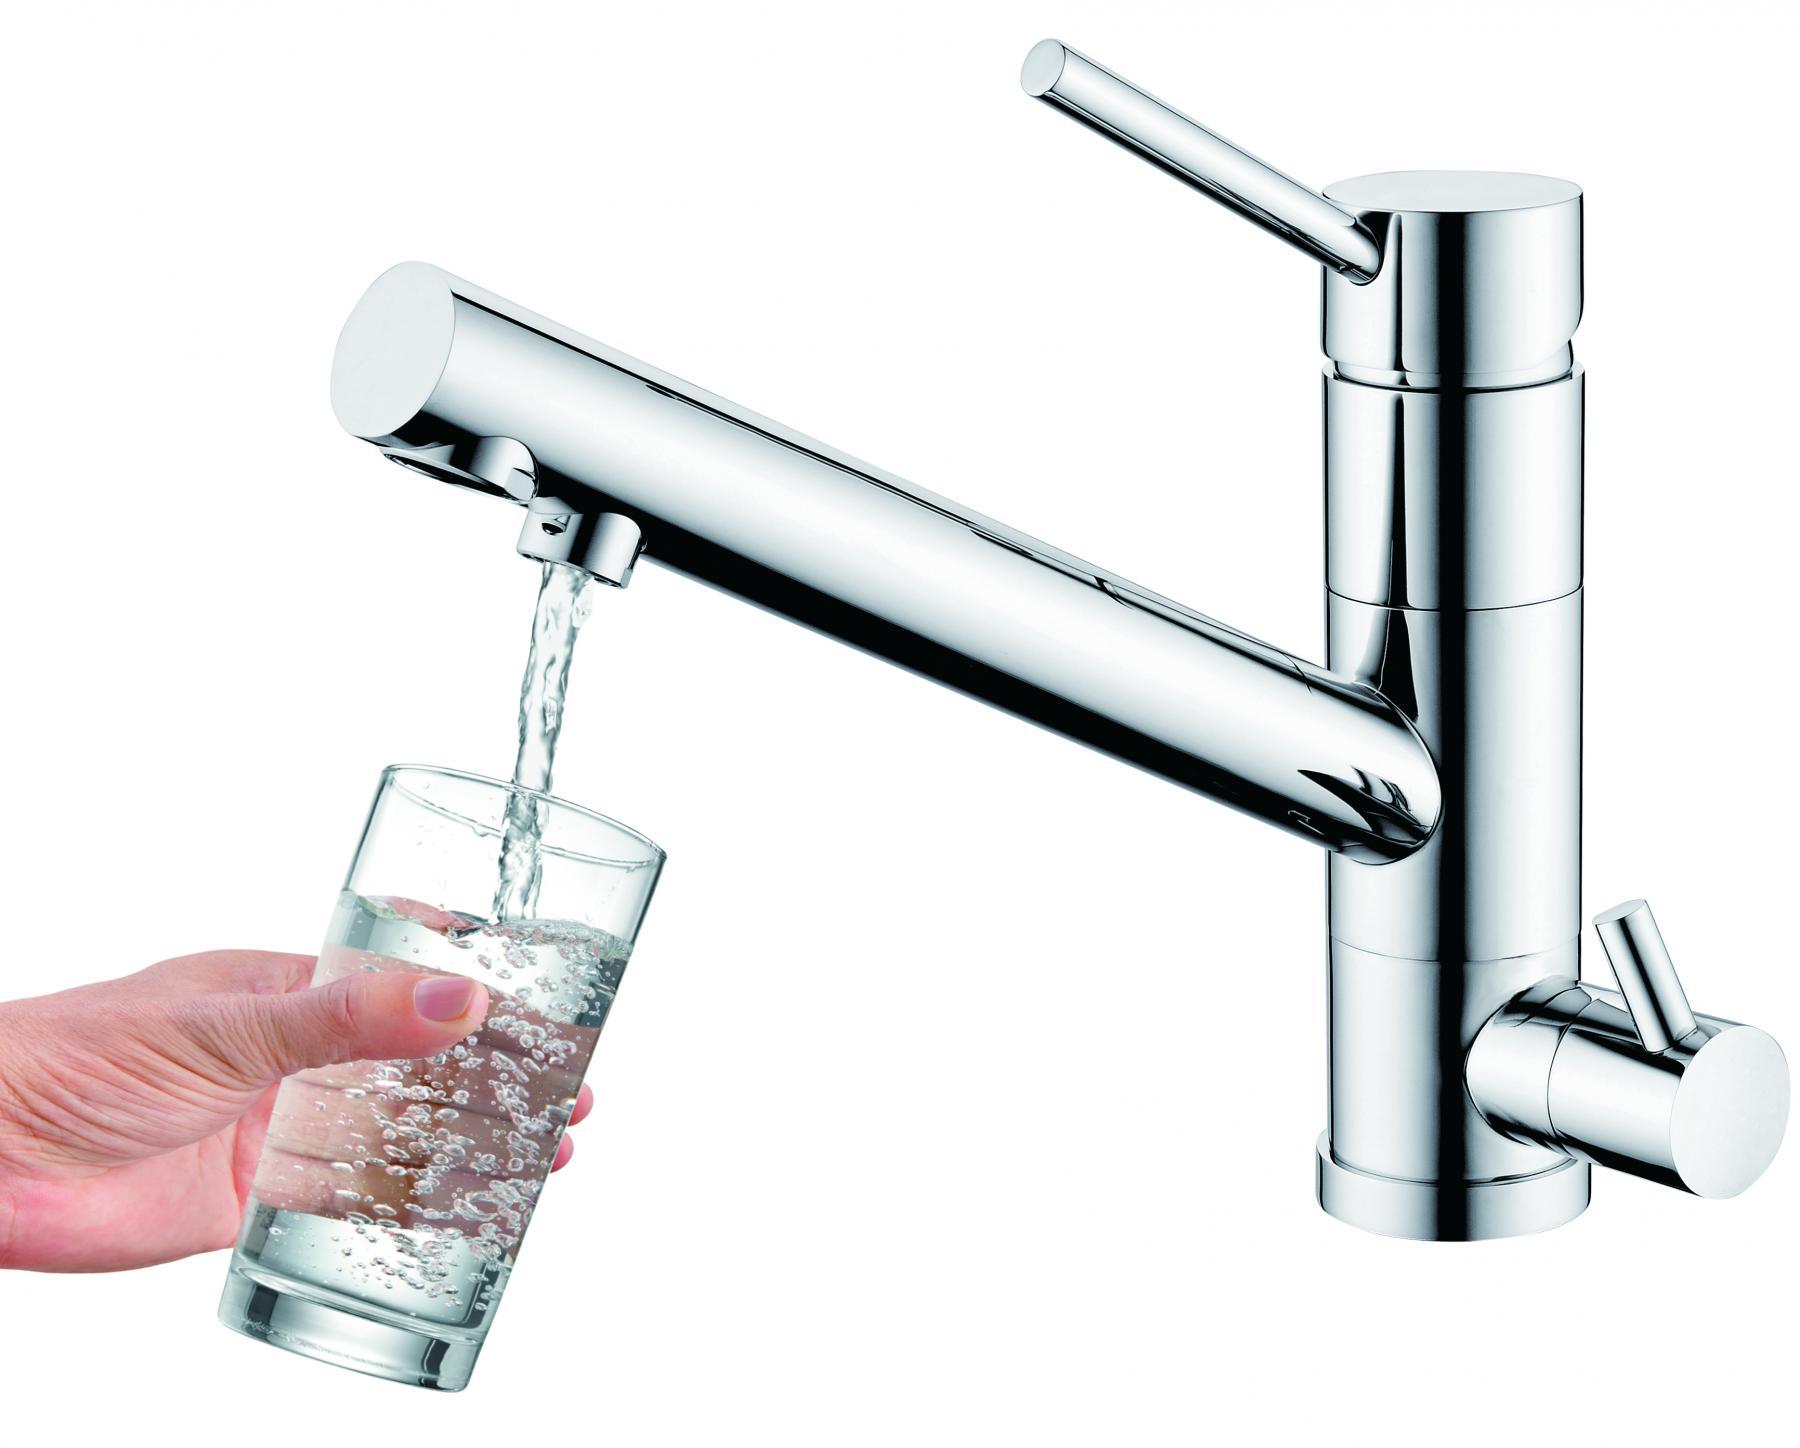 Full Size of Wasserhahn Anschluss Kche 1 Armatur Sple Küche Für Wandanschluss Bad Wohnzimmer Wasserhahn Anschluss